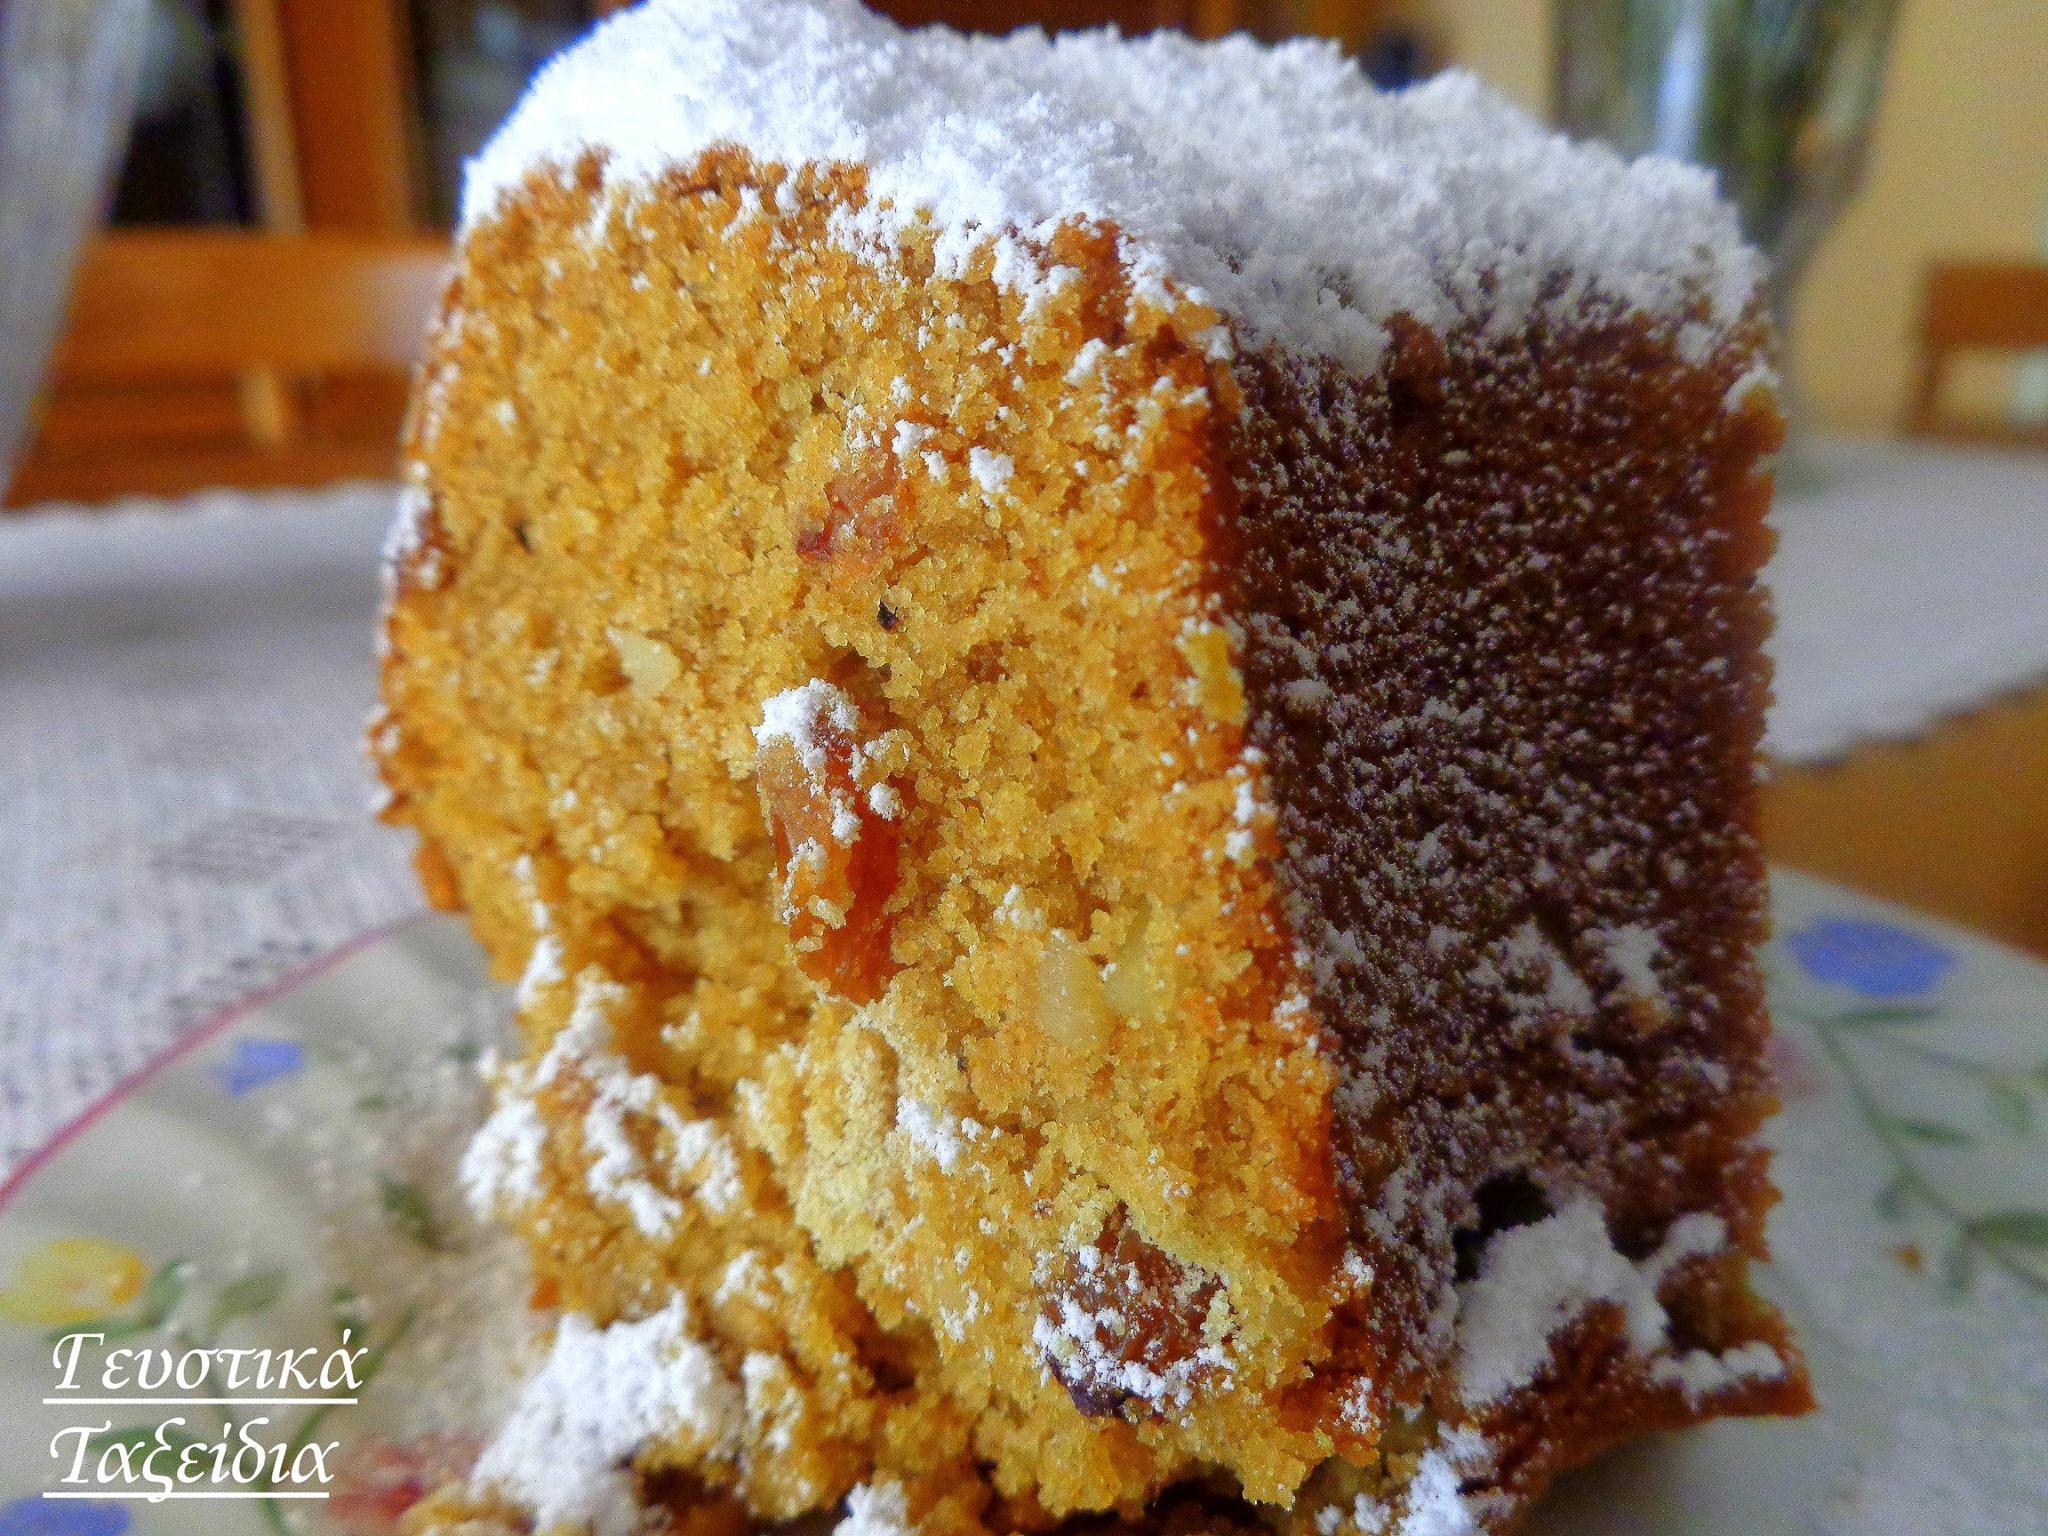 Κέικ νηστίσιμο με ελαιόλαδο